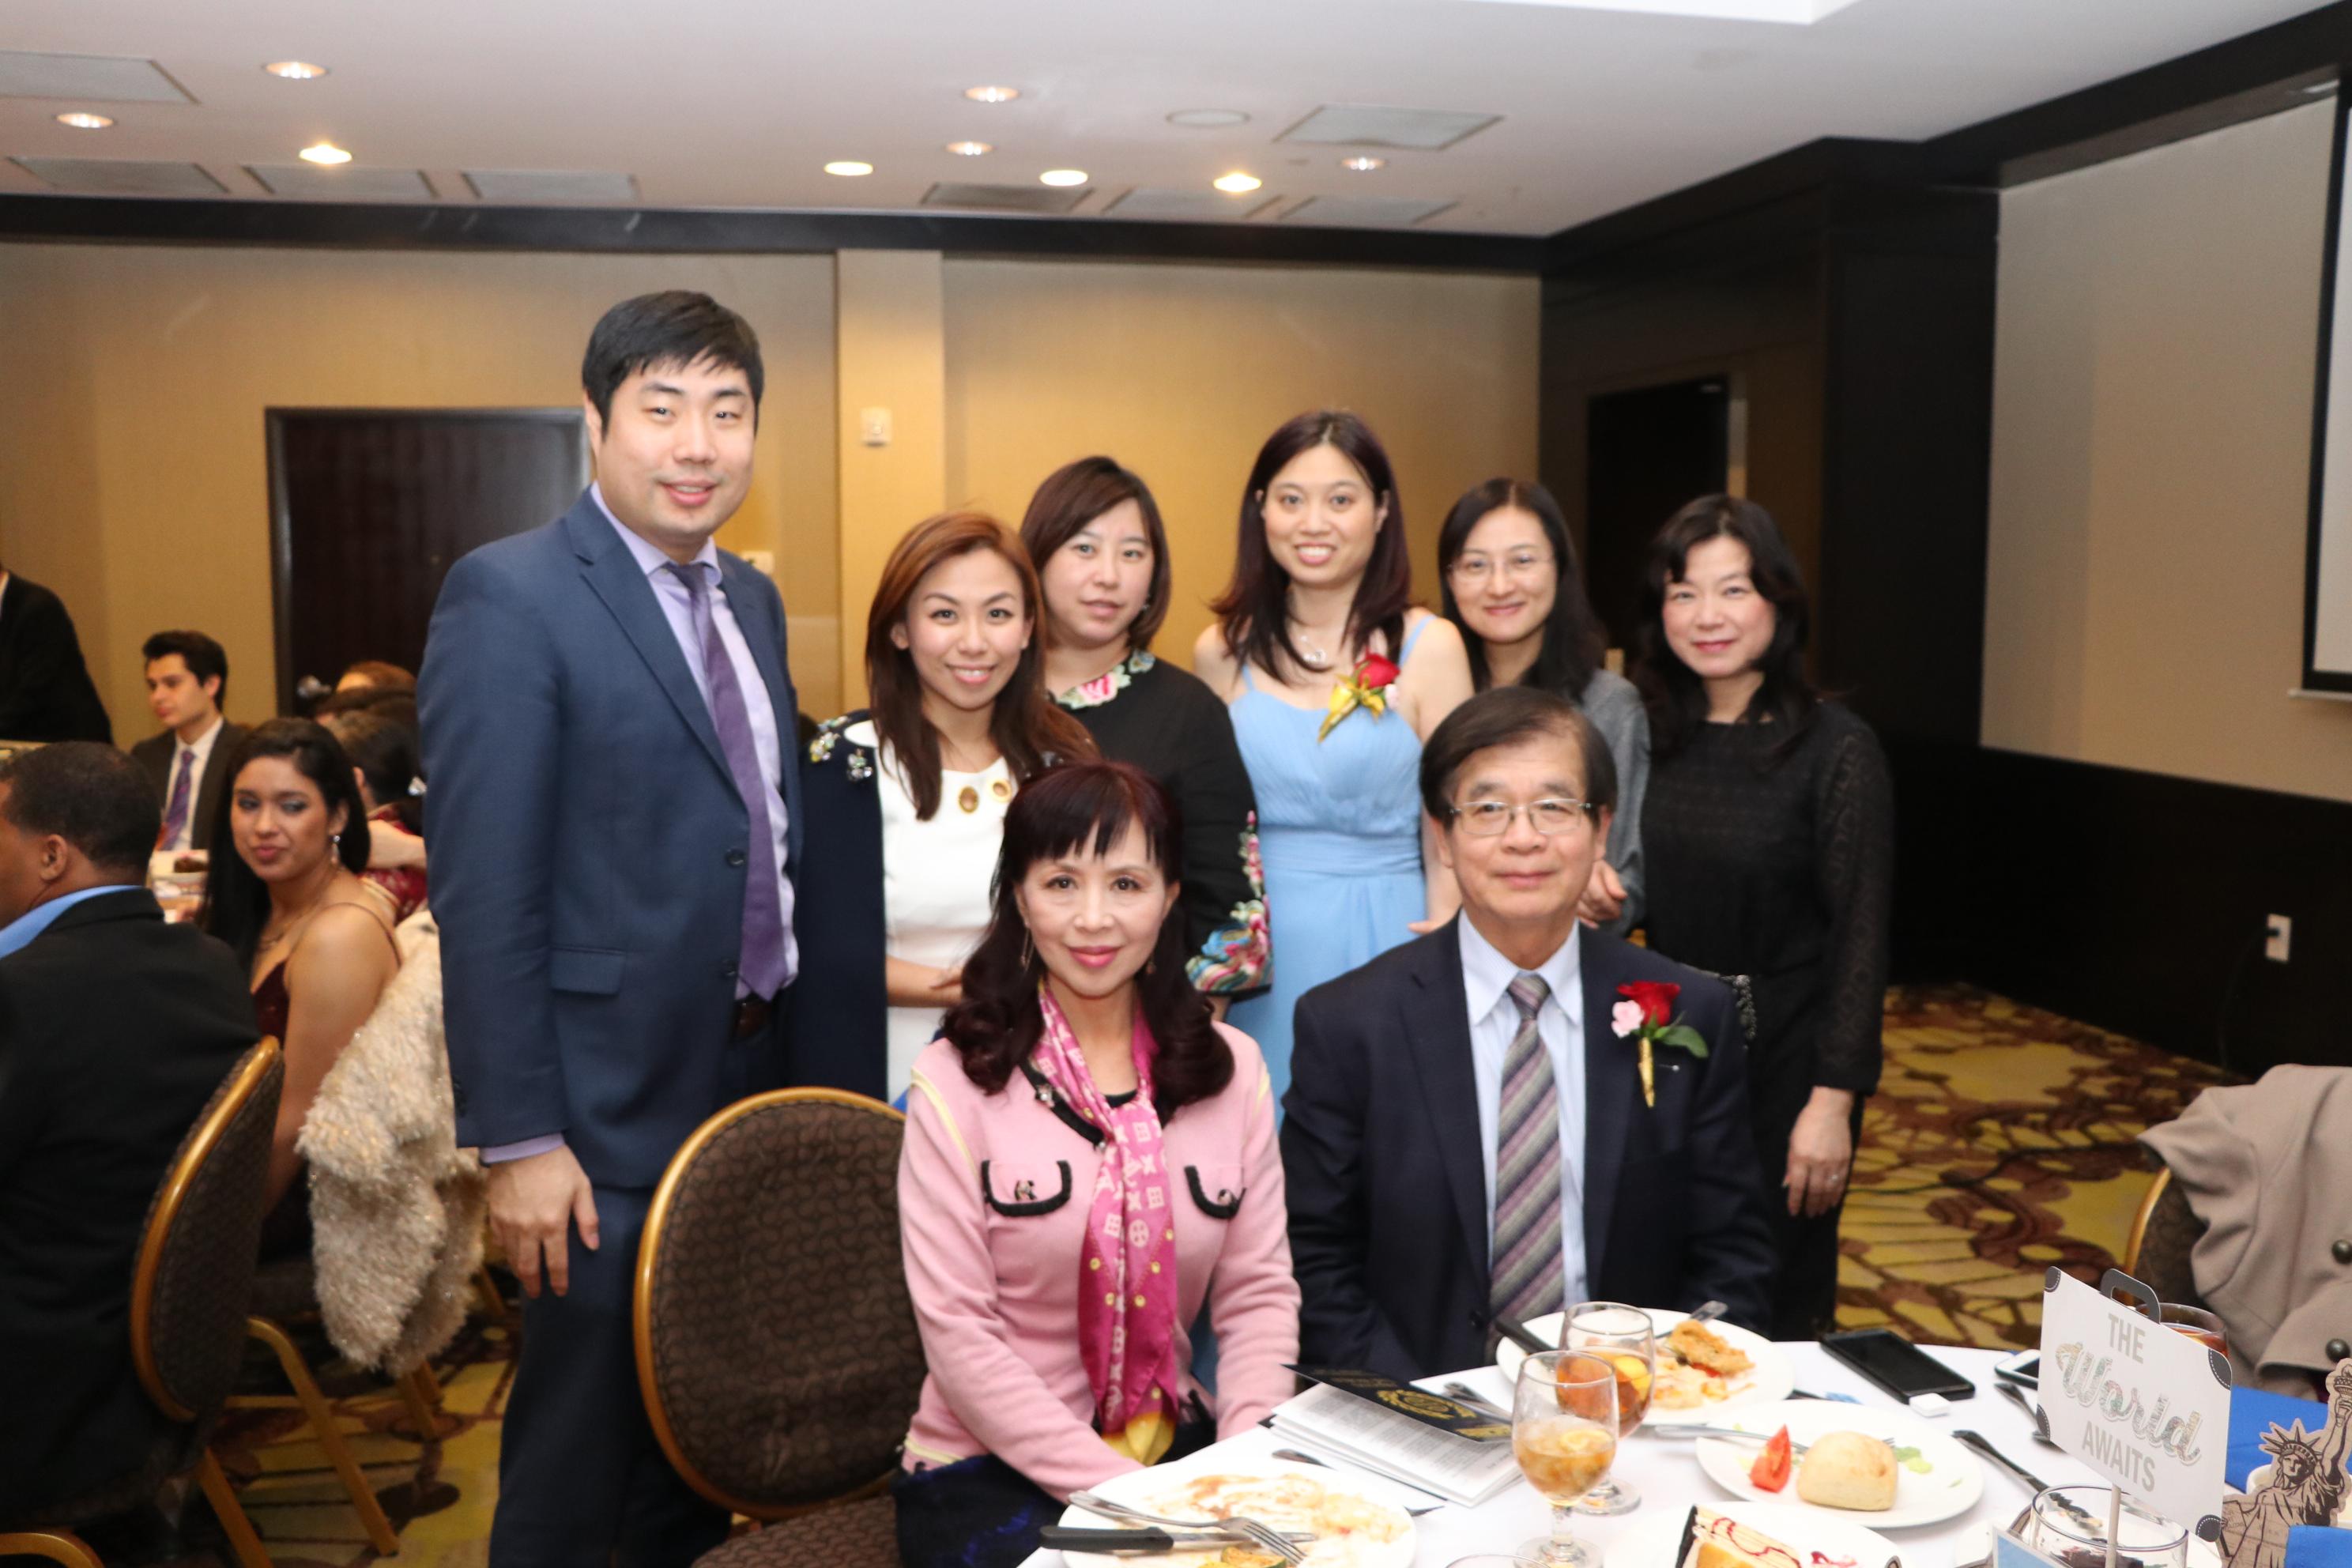 金城銀行總經理黃國樑(前排右一)帶領行員前來祝福。